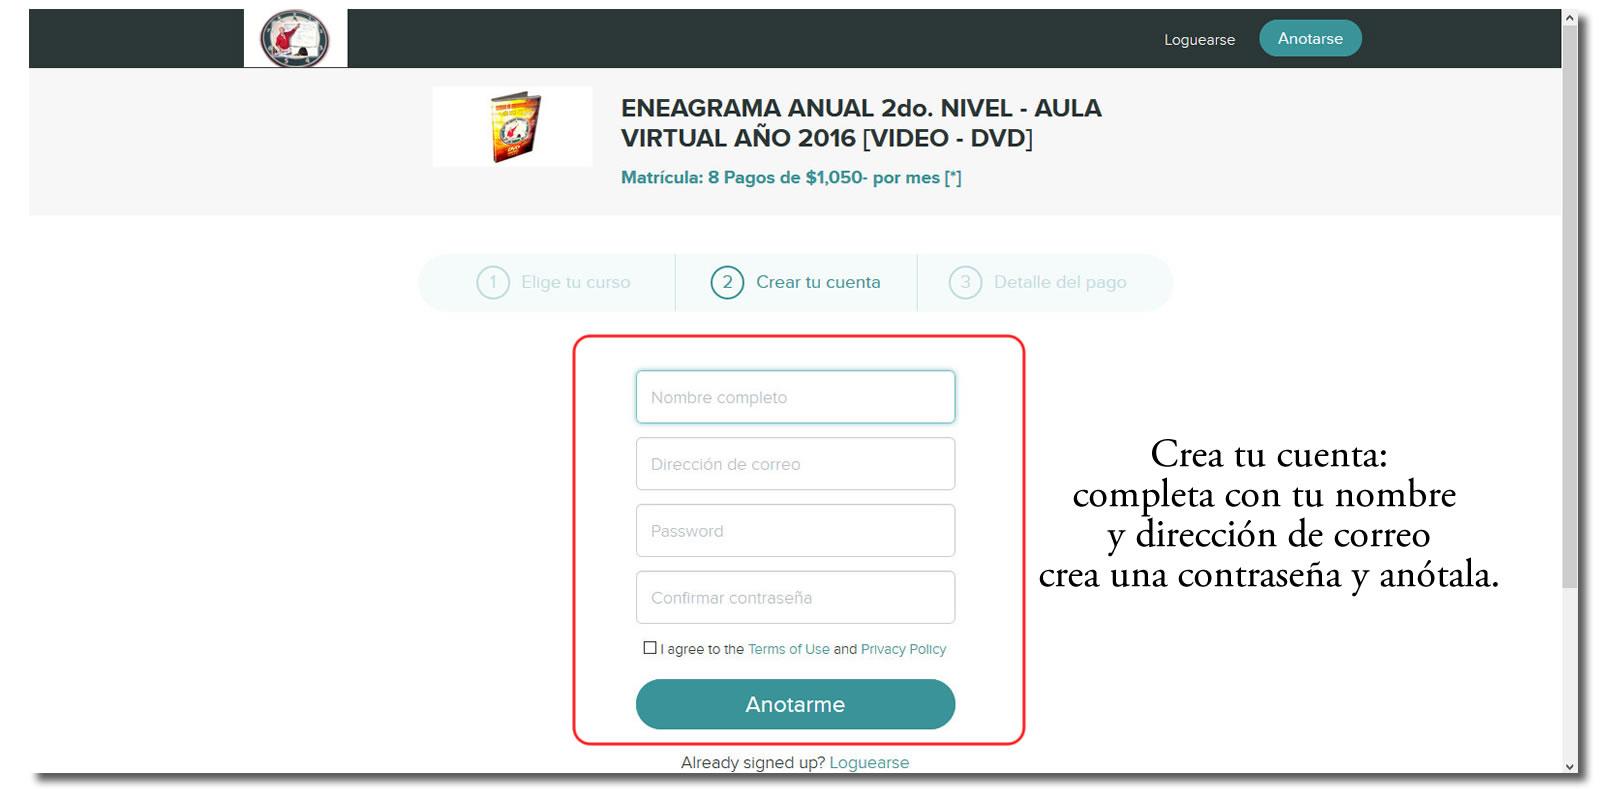 GUIA DE SUSCRIPCION CON CUPON 0 1-Fullscreen capture 8312016 60827 PM